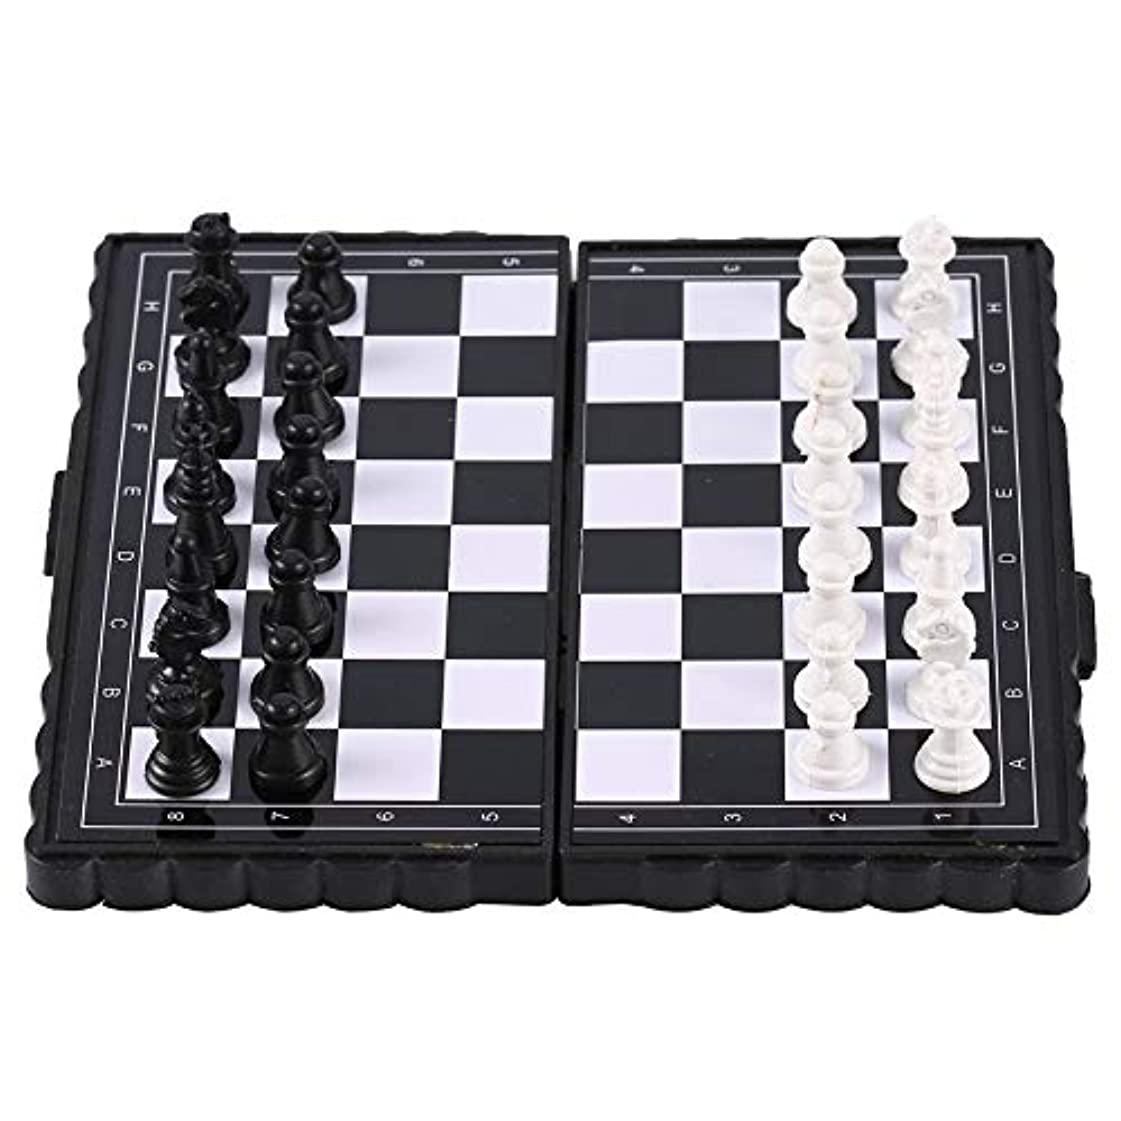 GOSIUP テーブルゲーム携帯用折りたたみ磁気ポケットプラスチックチェスチェスパーティー用パーティー